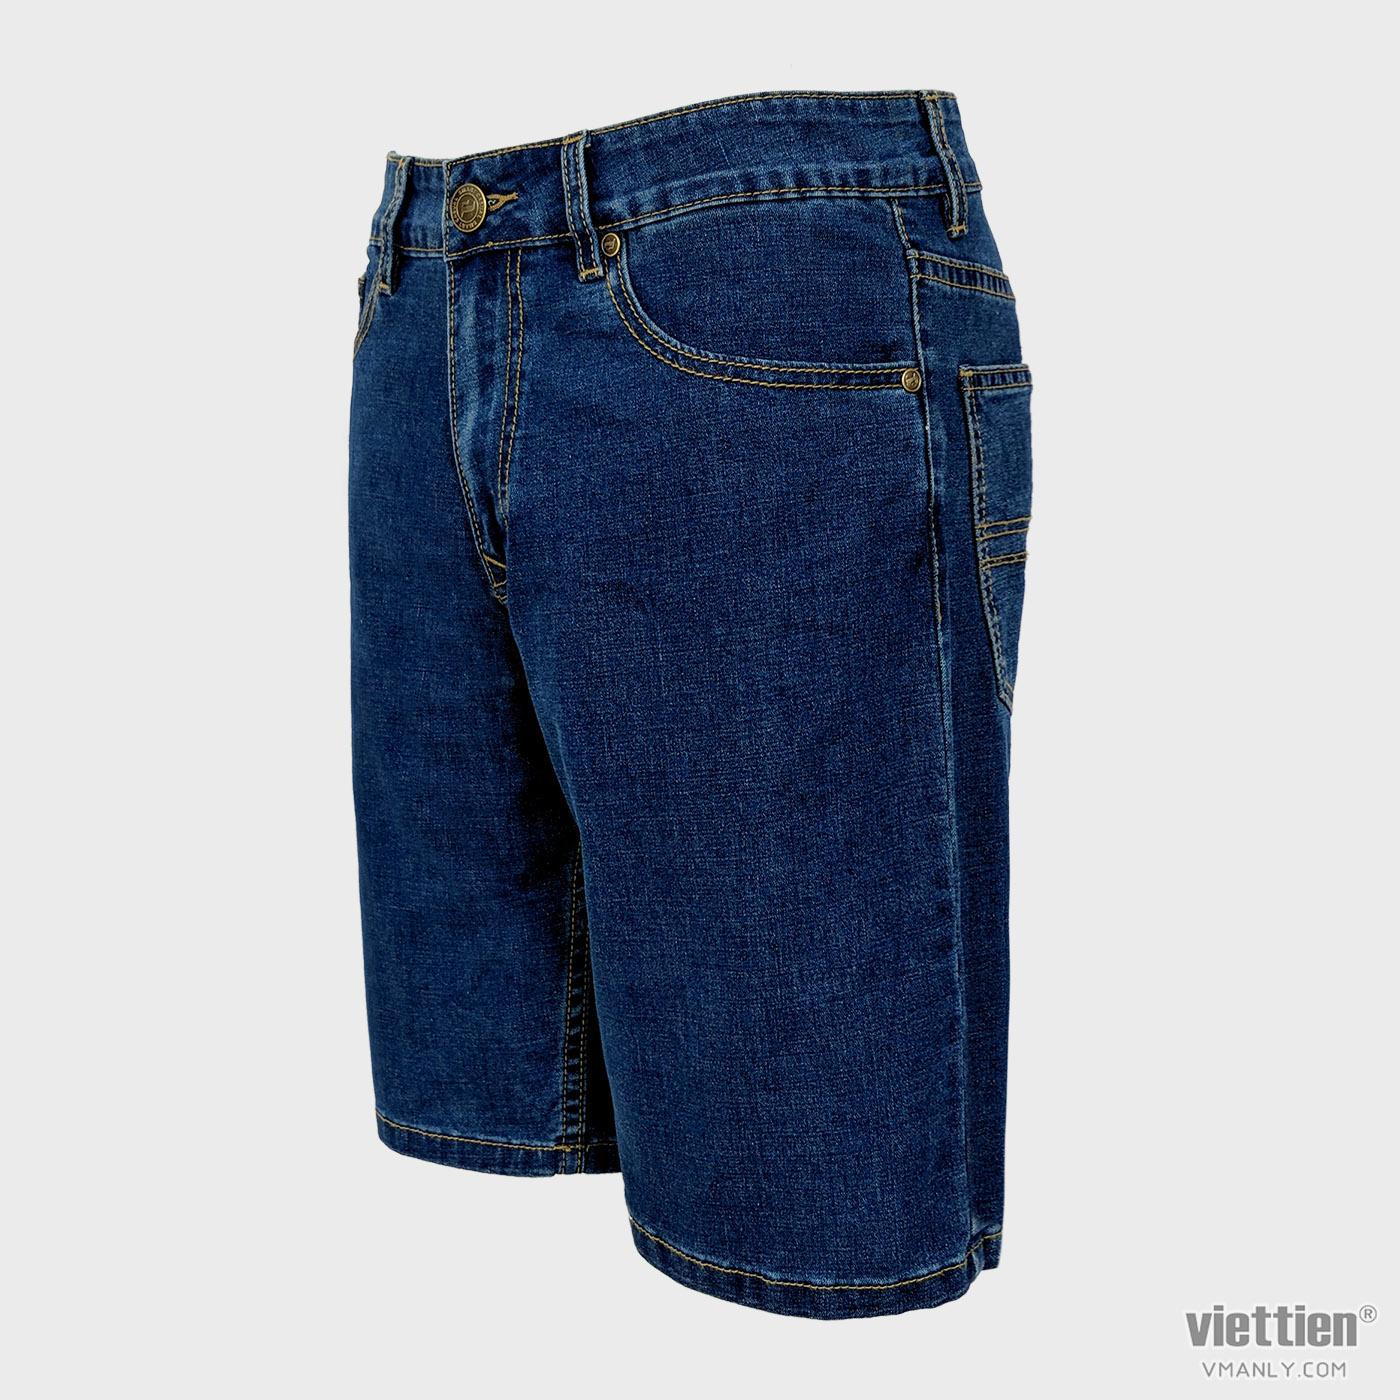 Quần short bò nam Việt Tiến màu xanh 6N8304BH4/QSJ